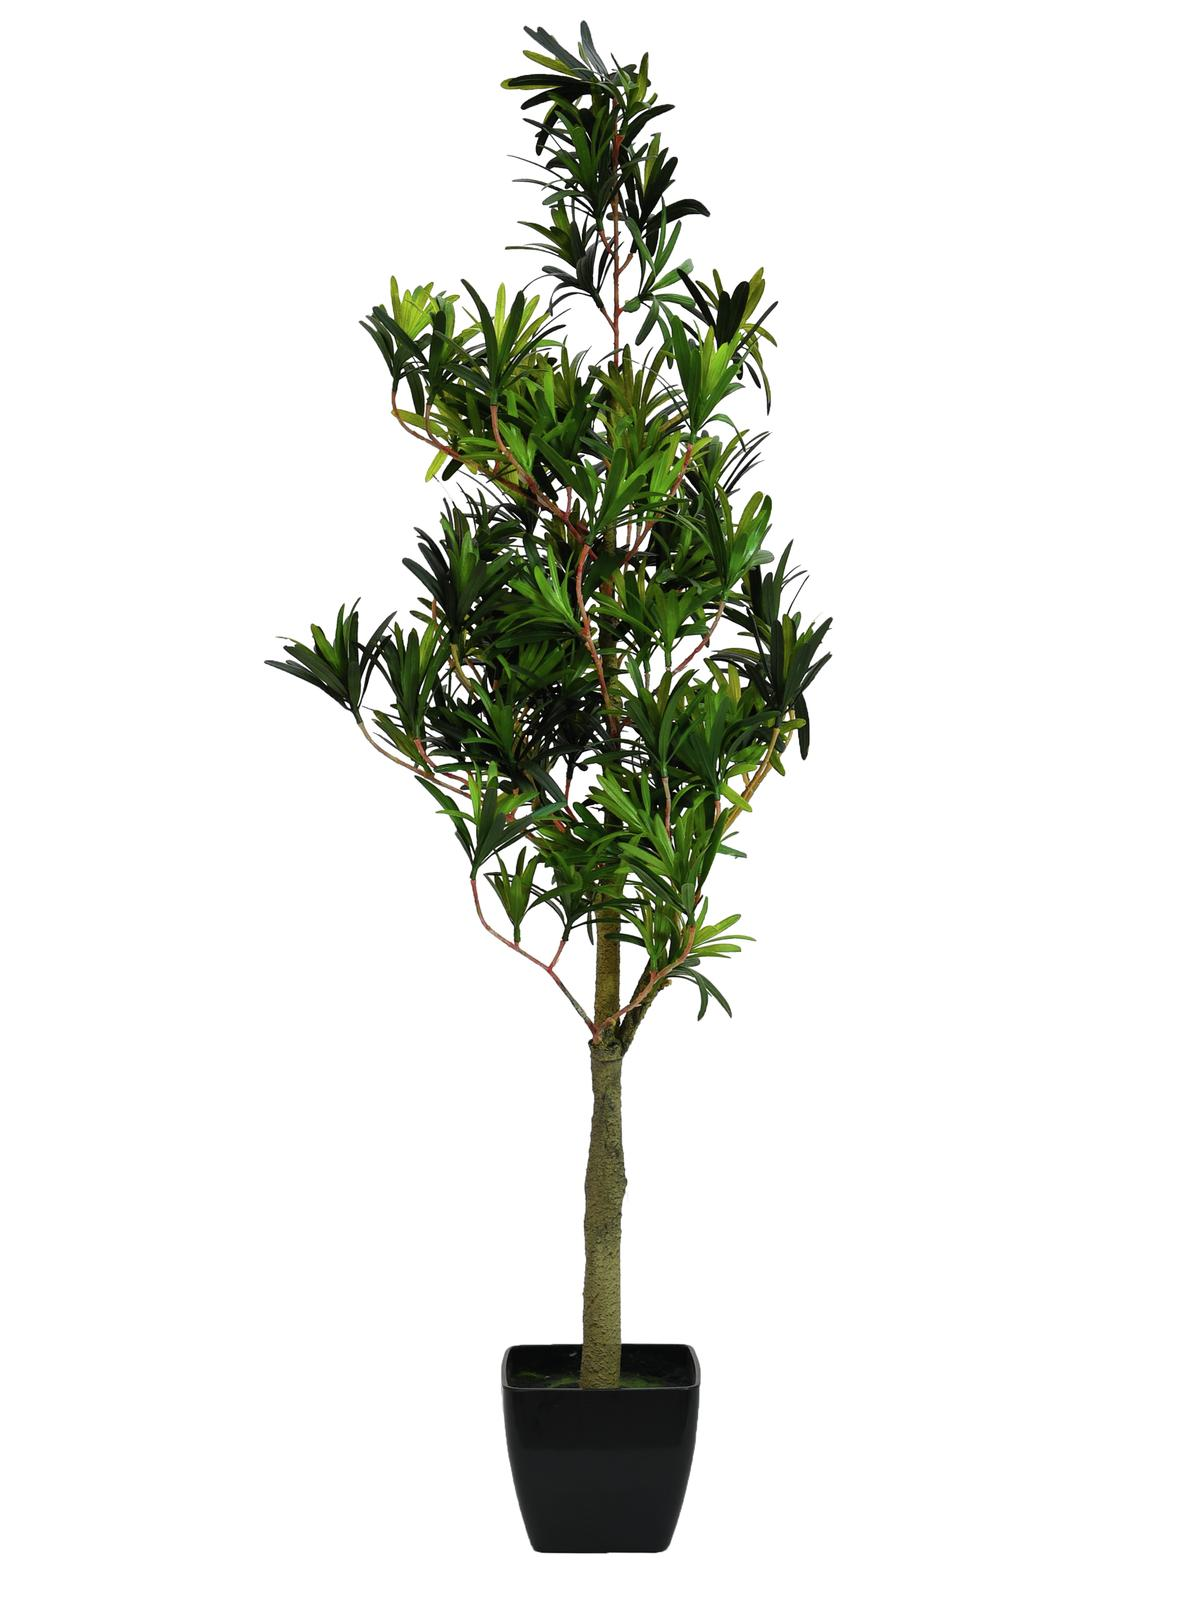 EUROPALMS Steineibe, Kunstpflanze, 90cm